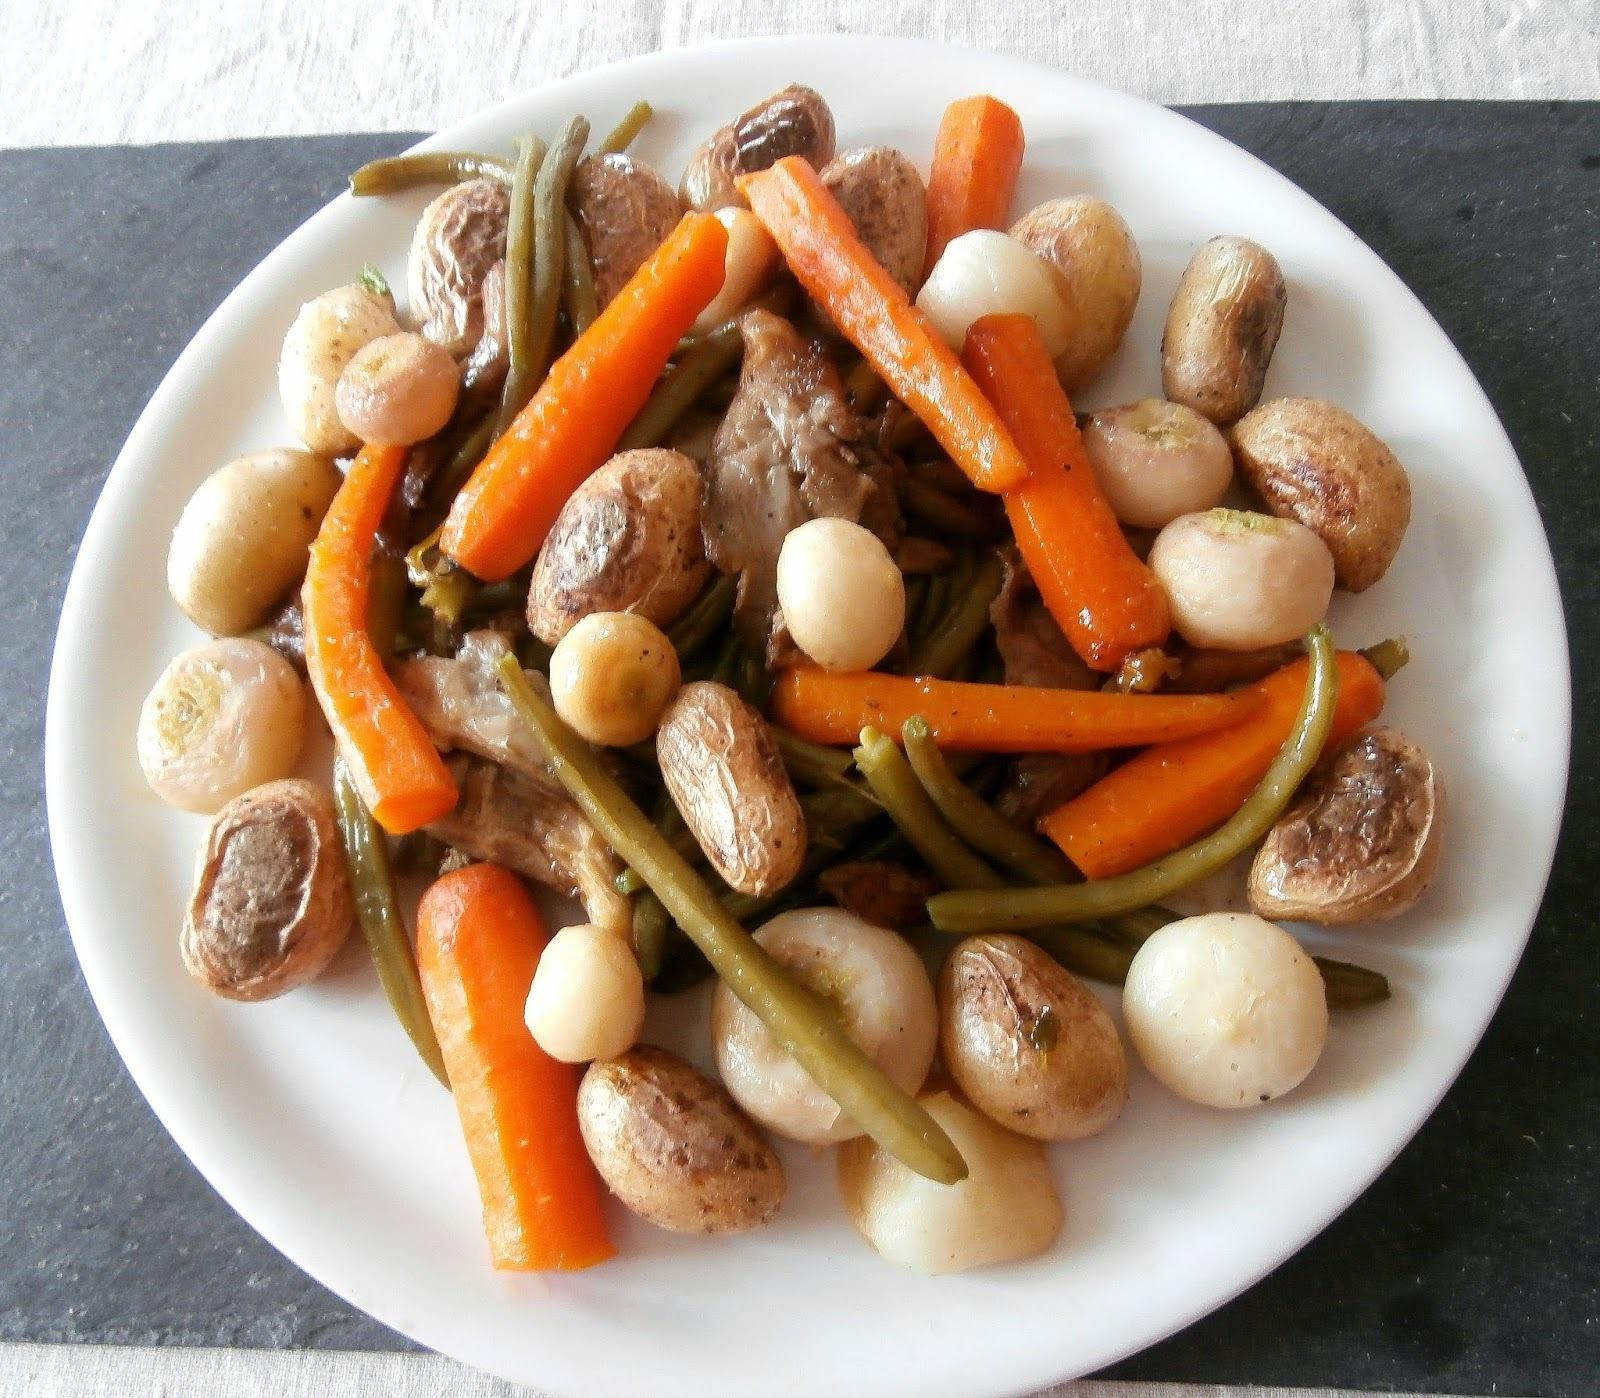 Poêlée de légumes (navets nouveaux, oignons, pleurotes, haricots verts, carottes fanes, pomme de terre grenailles) / Fried vegetables